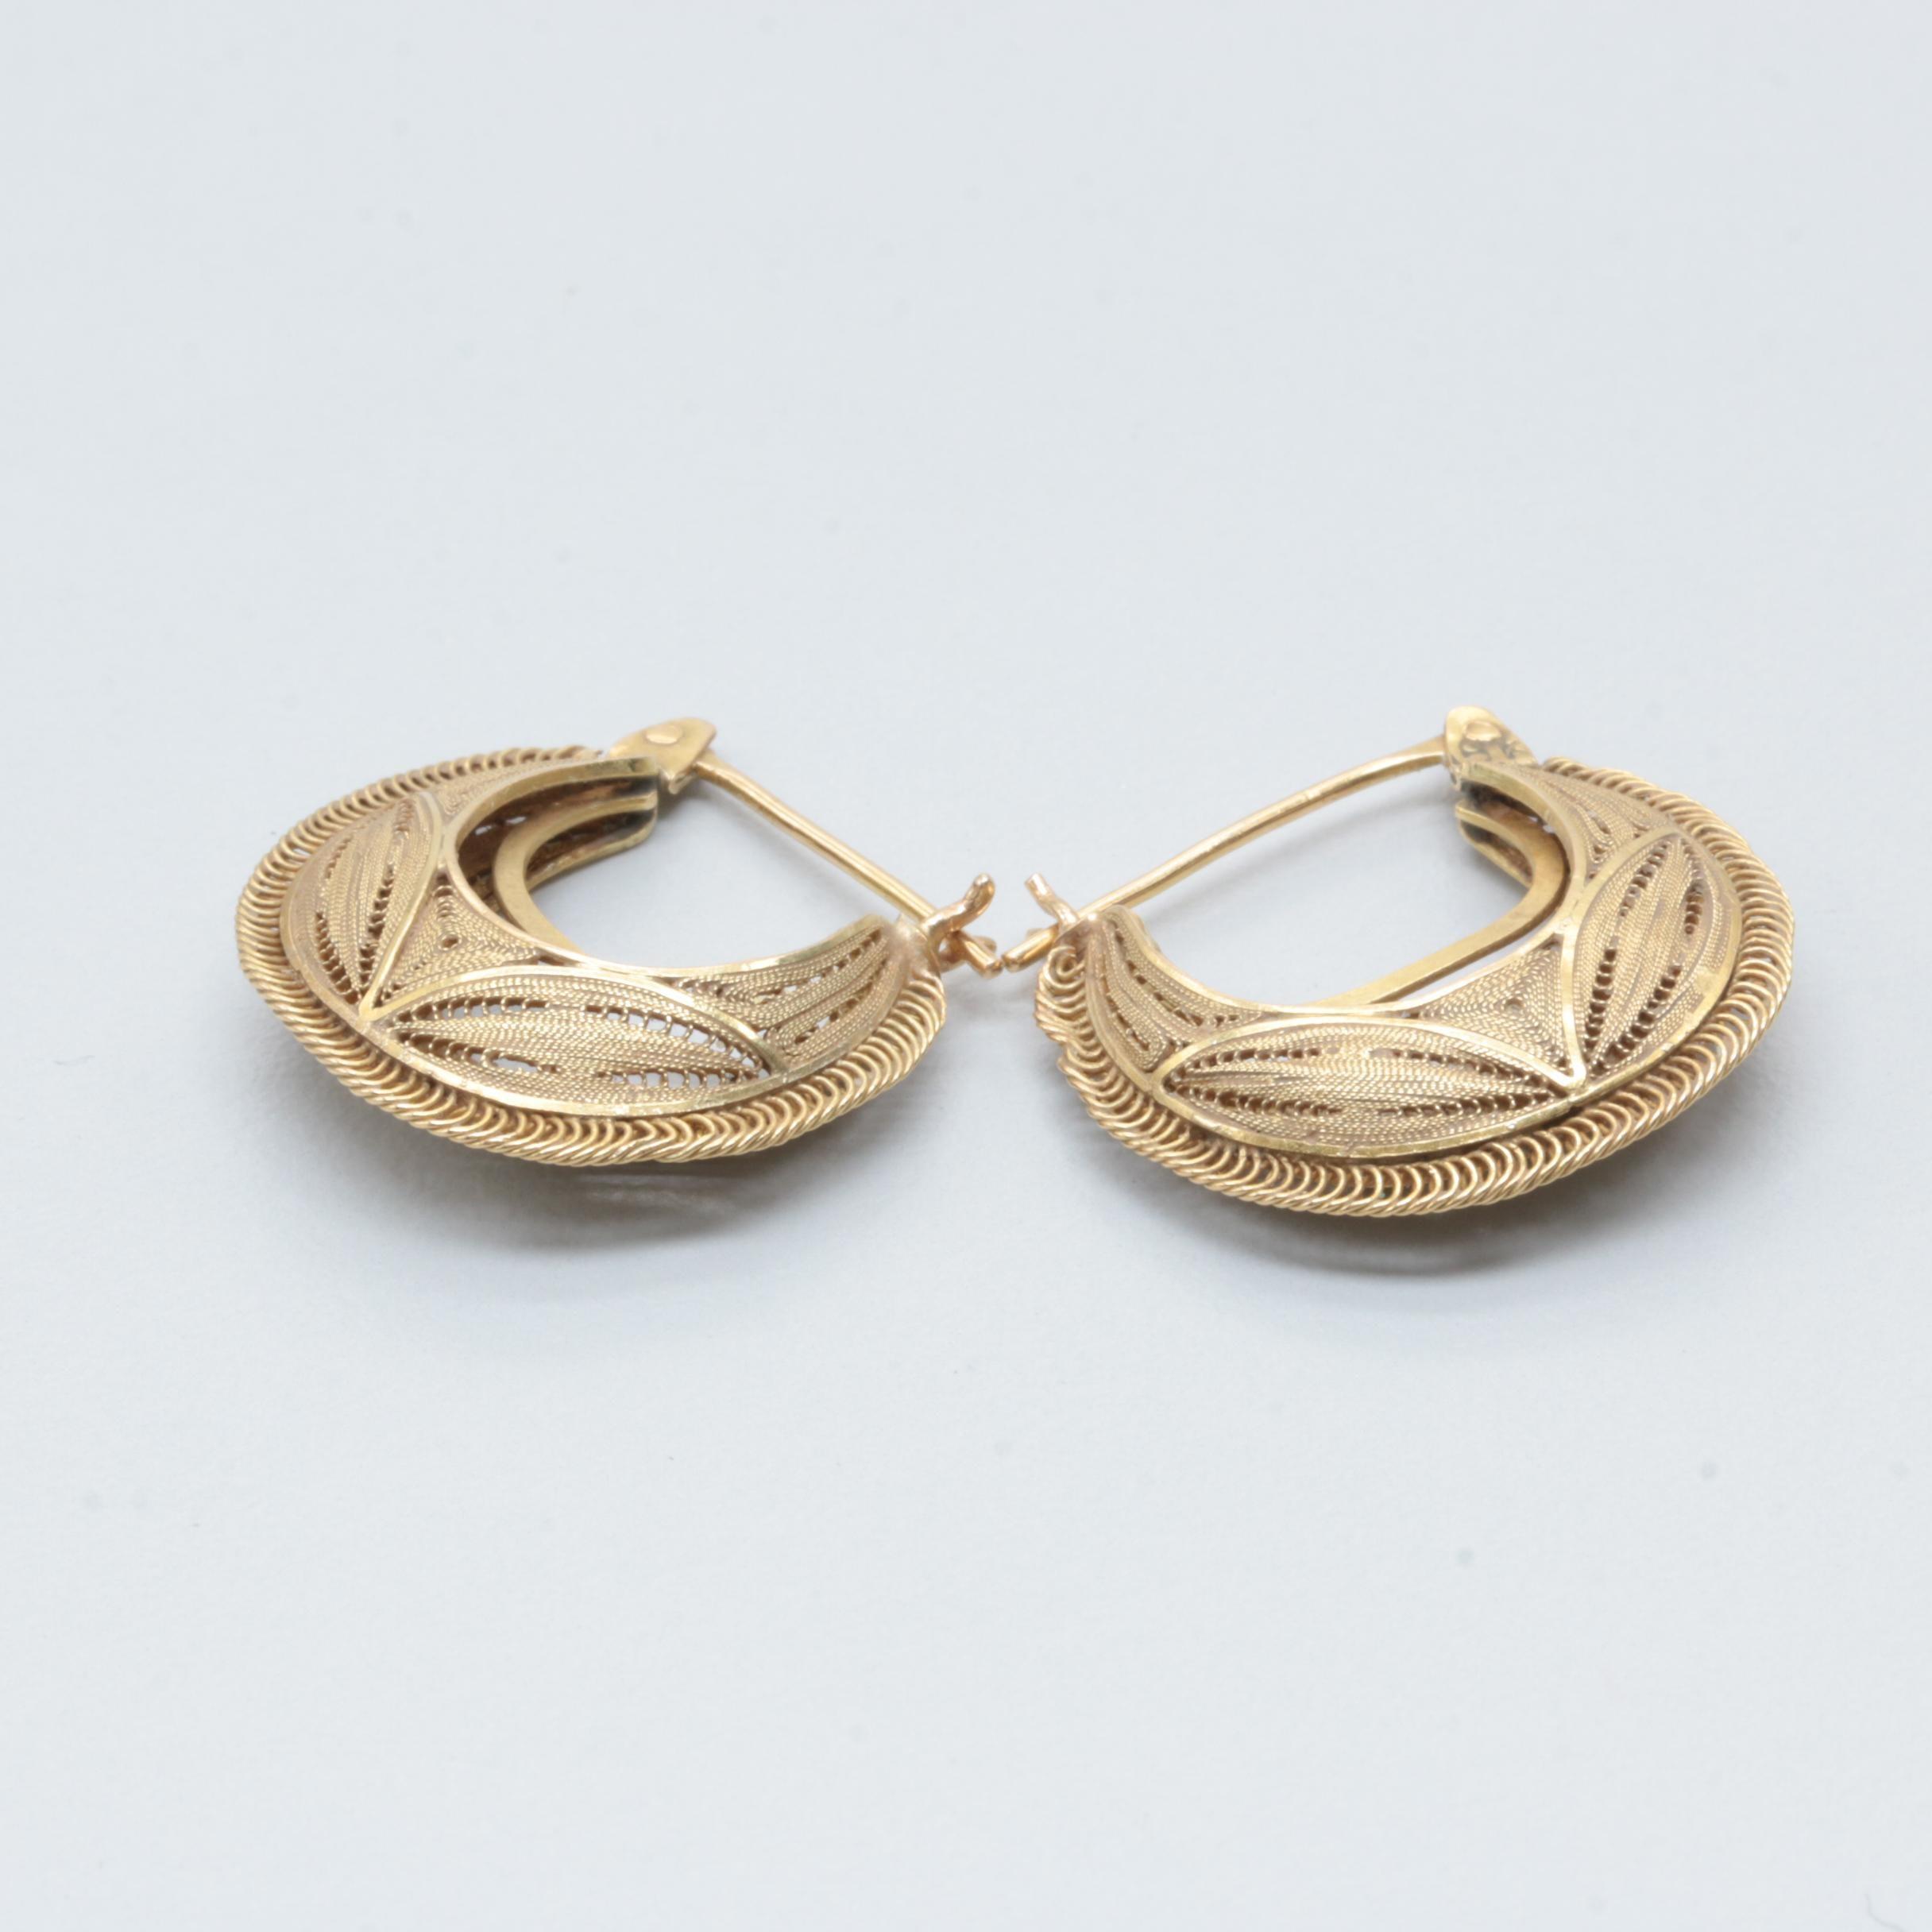 18K Yellow Gold Earrings